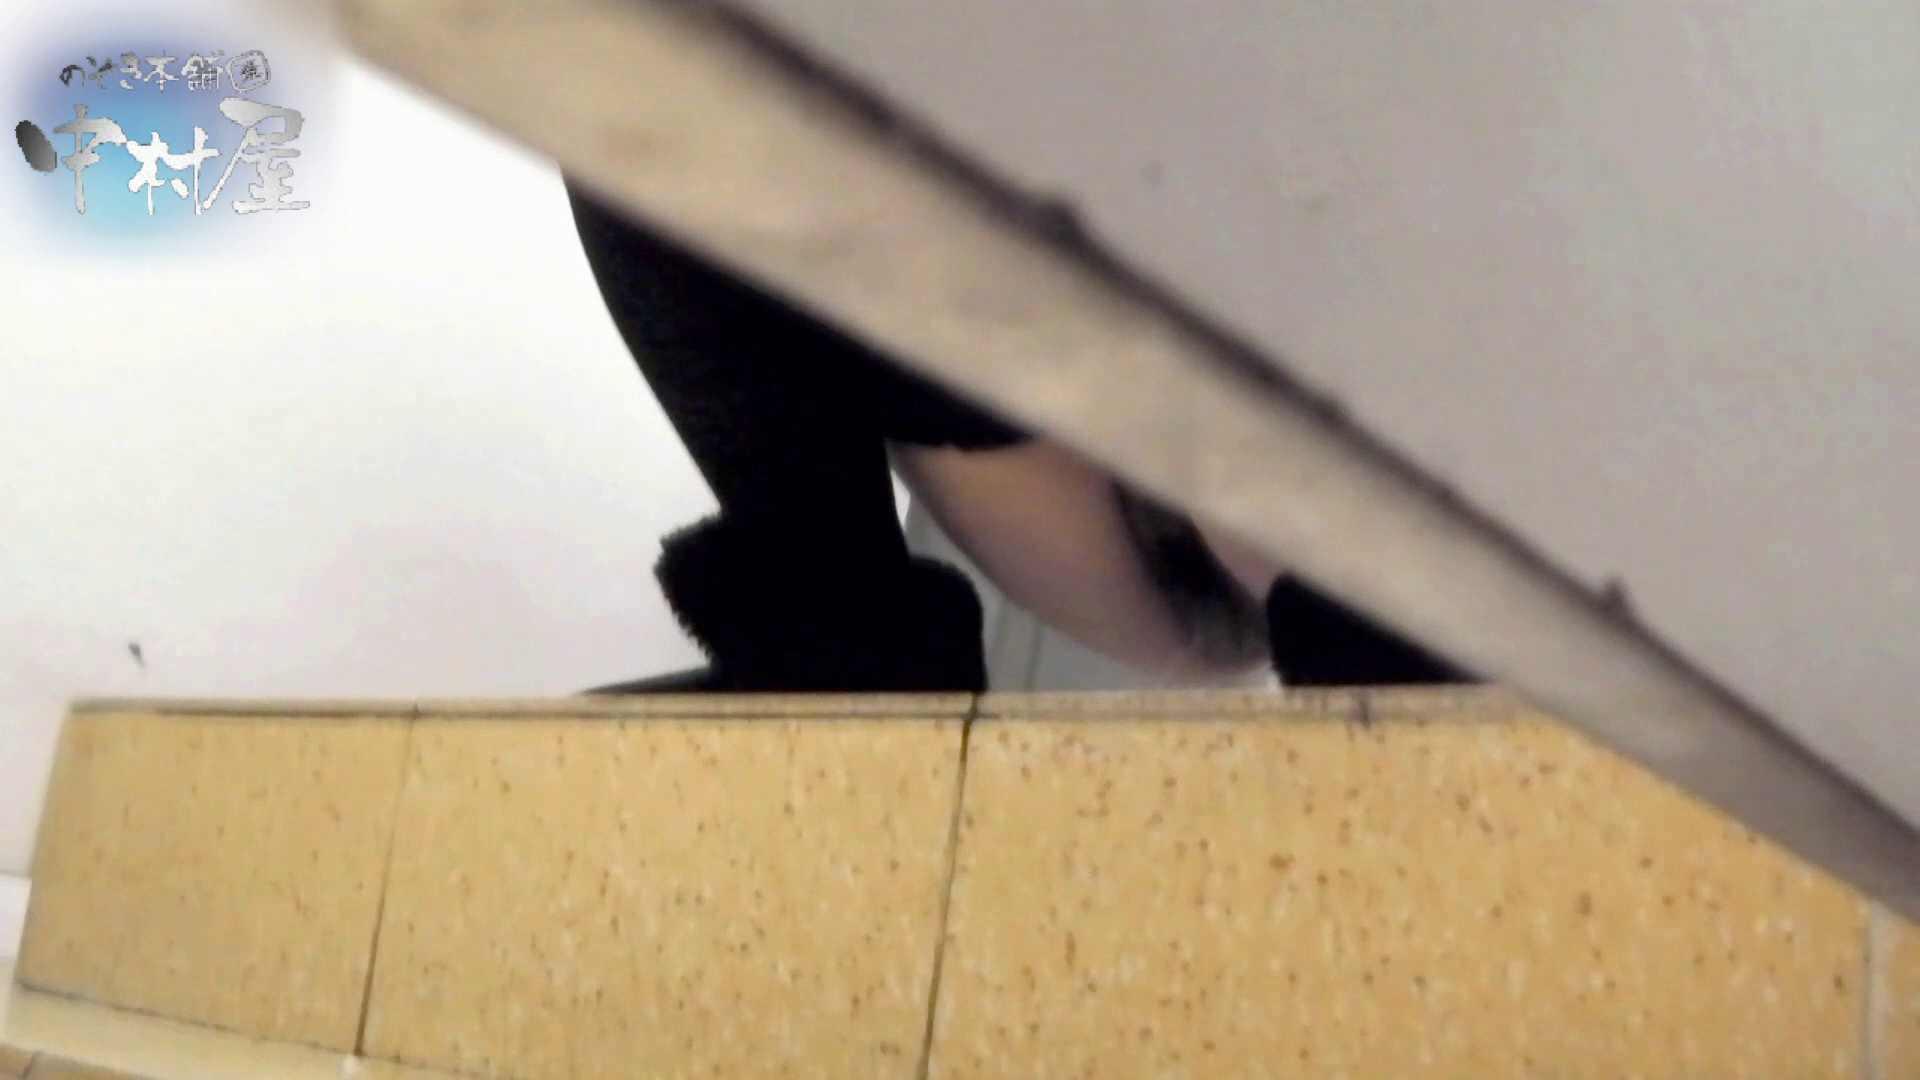 乙女集まる!ショッピングモール潜入撮vol.12 トイレ 覗きおまんこ画像 60PICs 44